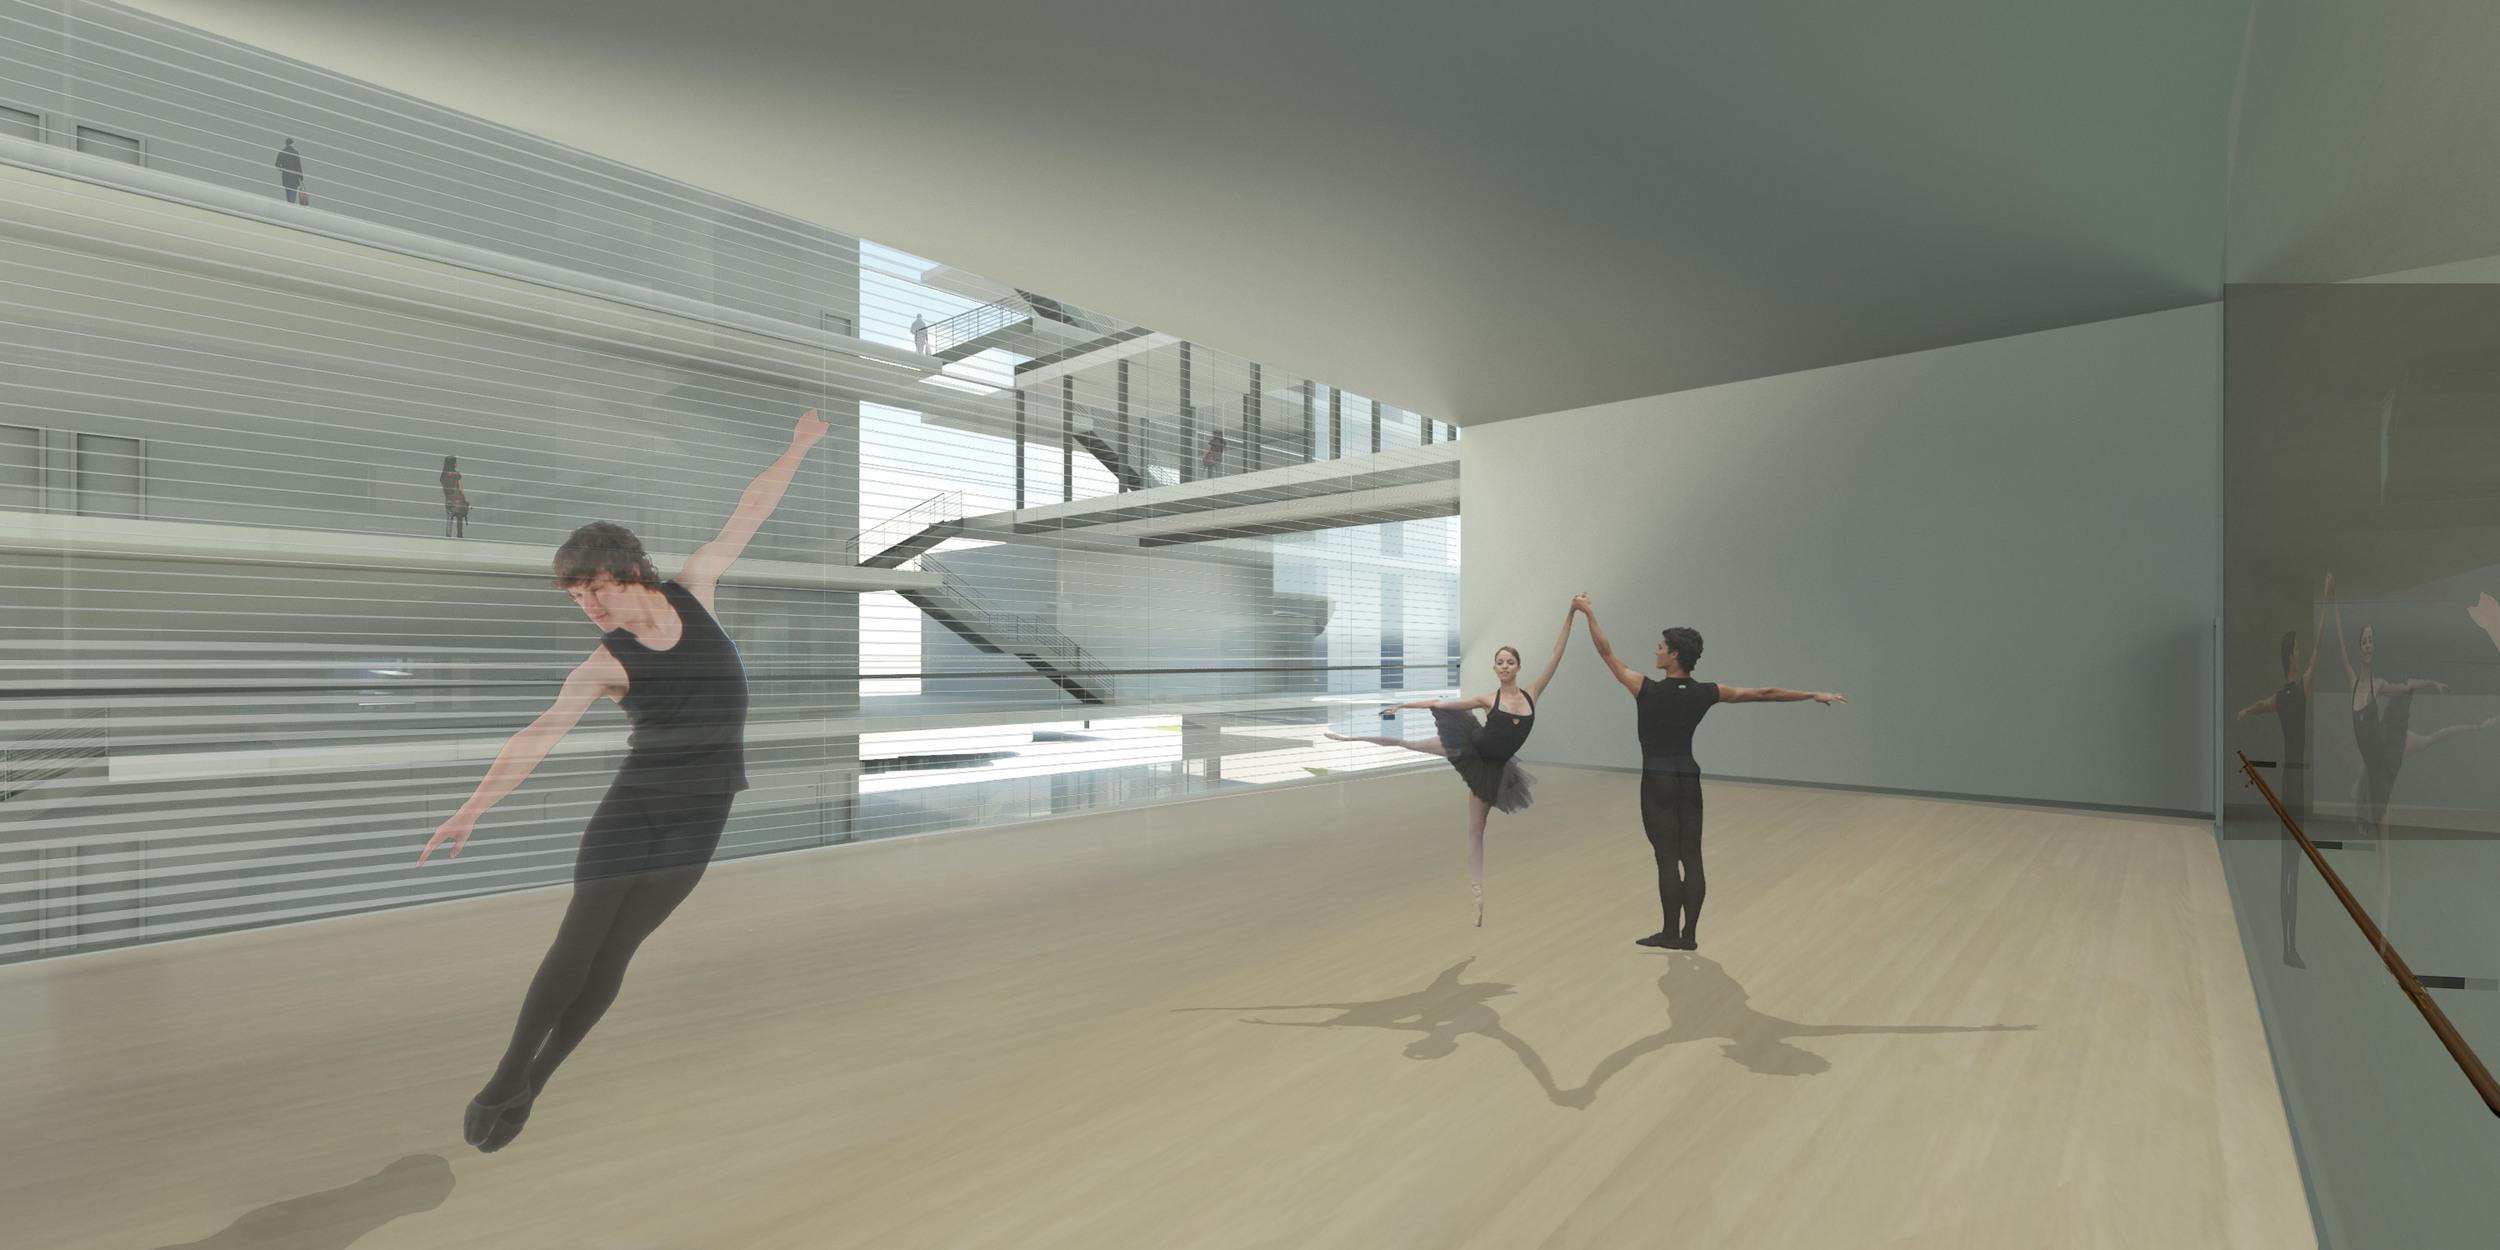 dancestudio-(1).jpg